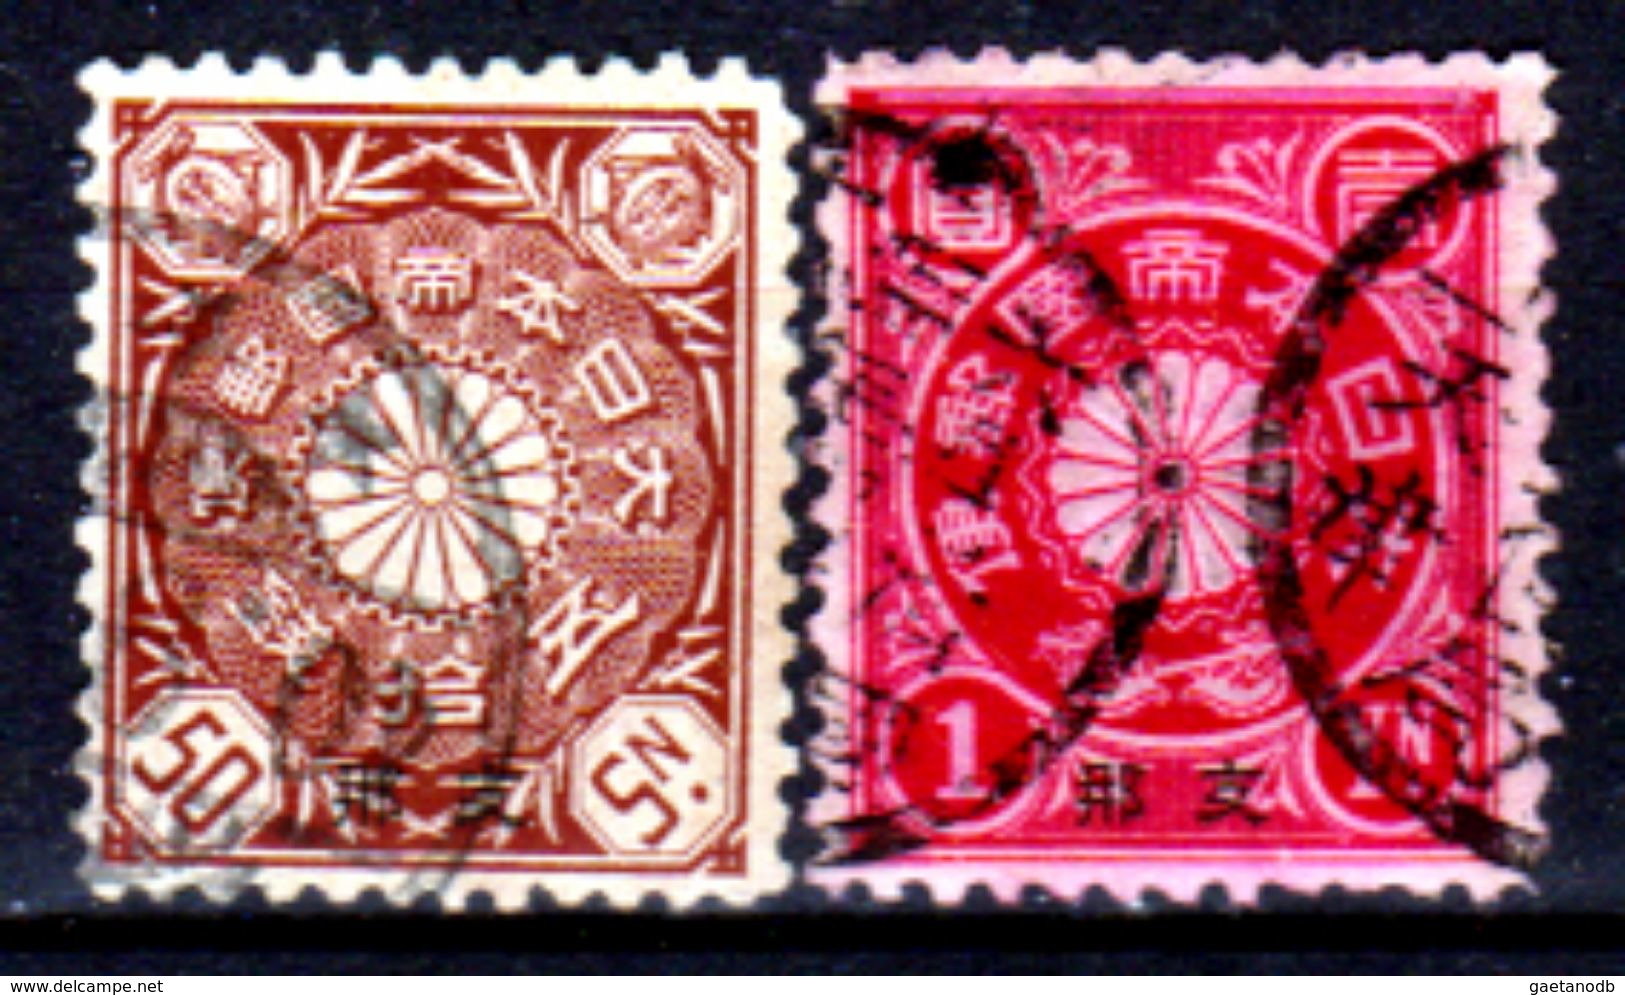 Cina-A-0237 - 1900: Sovrastampati Per L'ufficio Postale Diplomatico Giapponese - Dentellati 11,5 - Senza Difetti Occulti - Altri